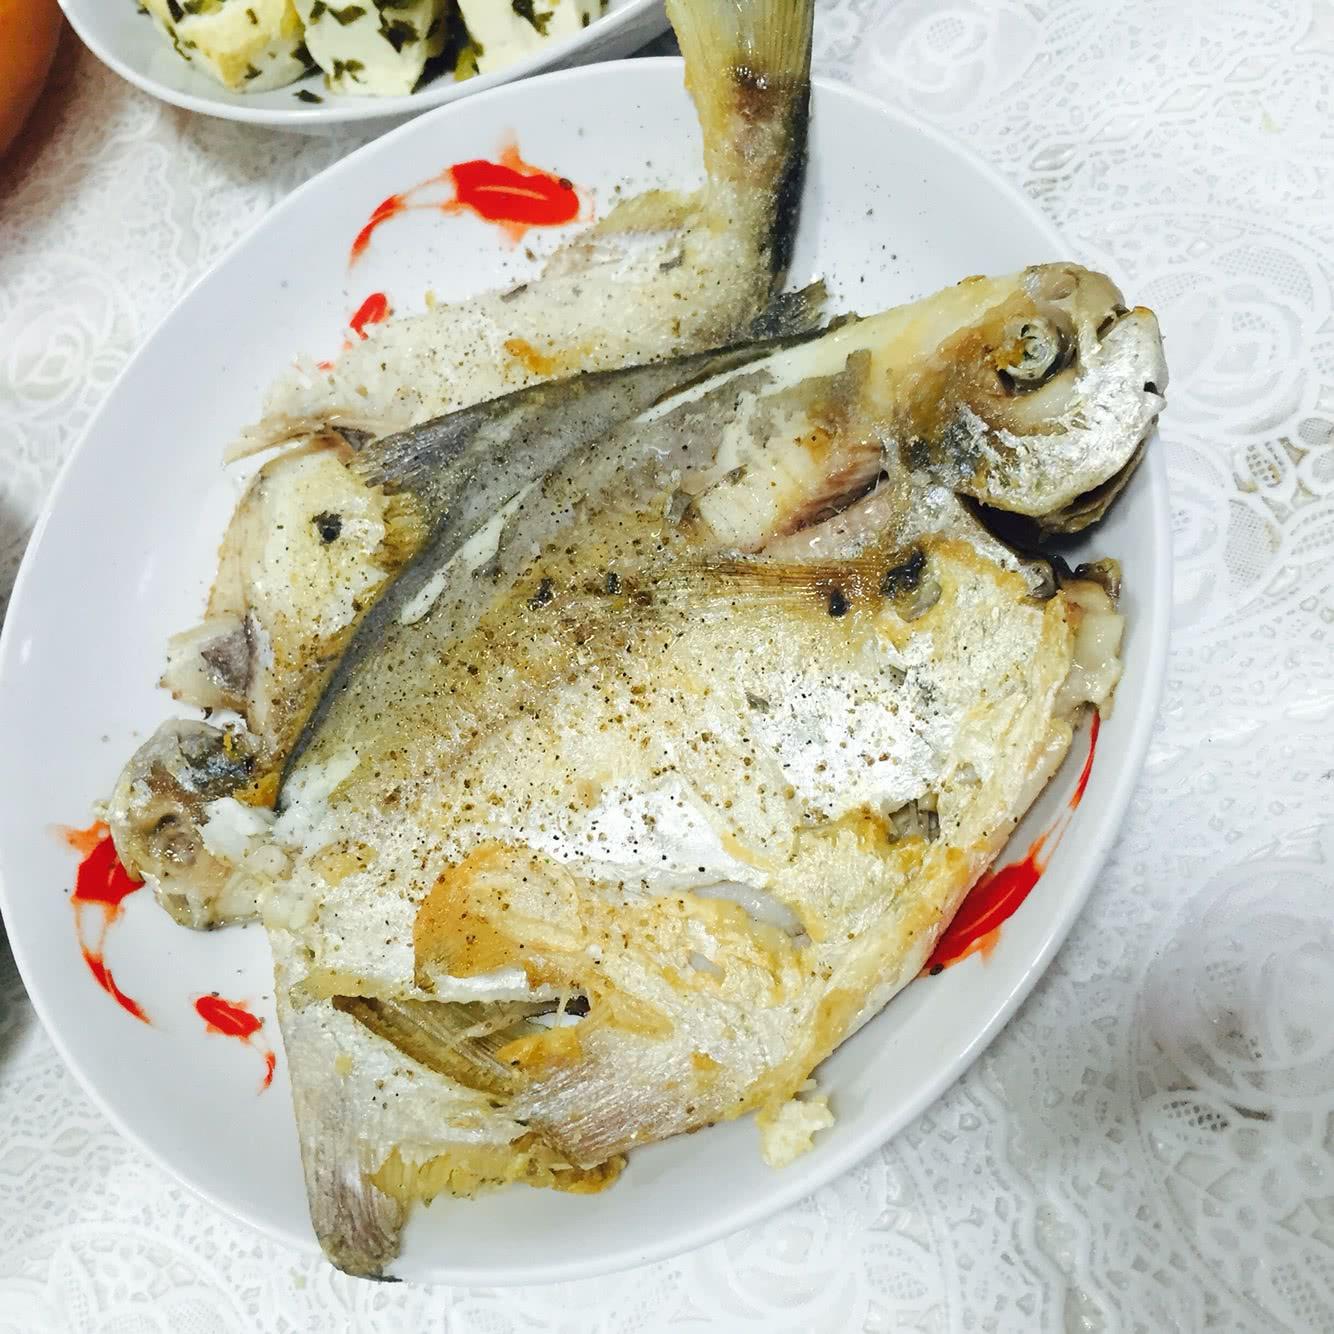 煎菜品的美食_做法_豆果平鱼关于工地伙食团菜谱表图片